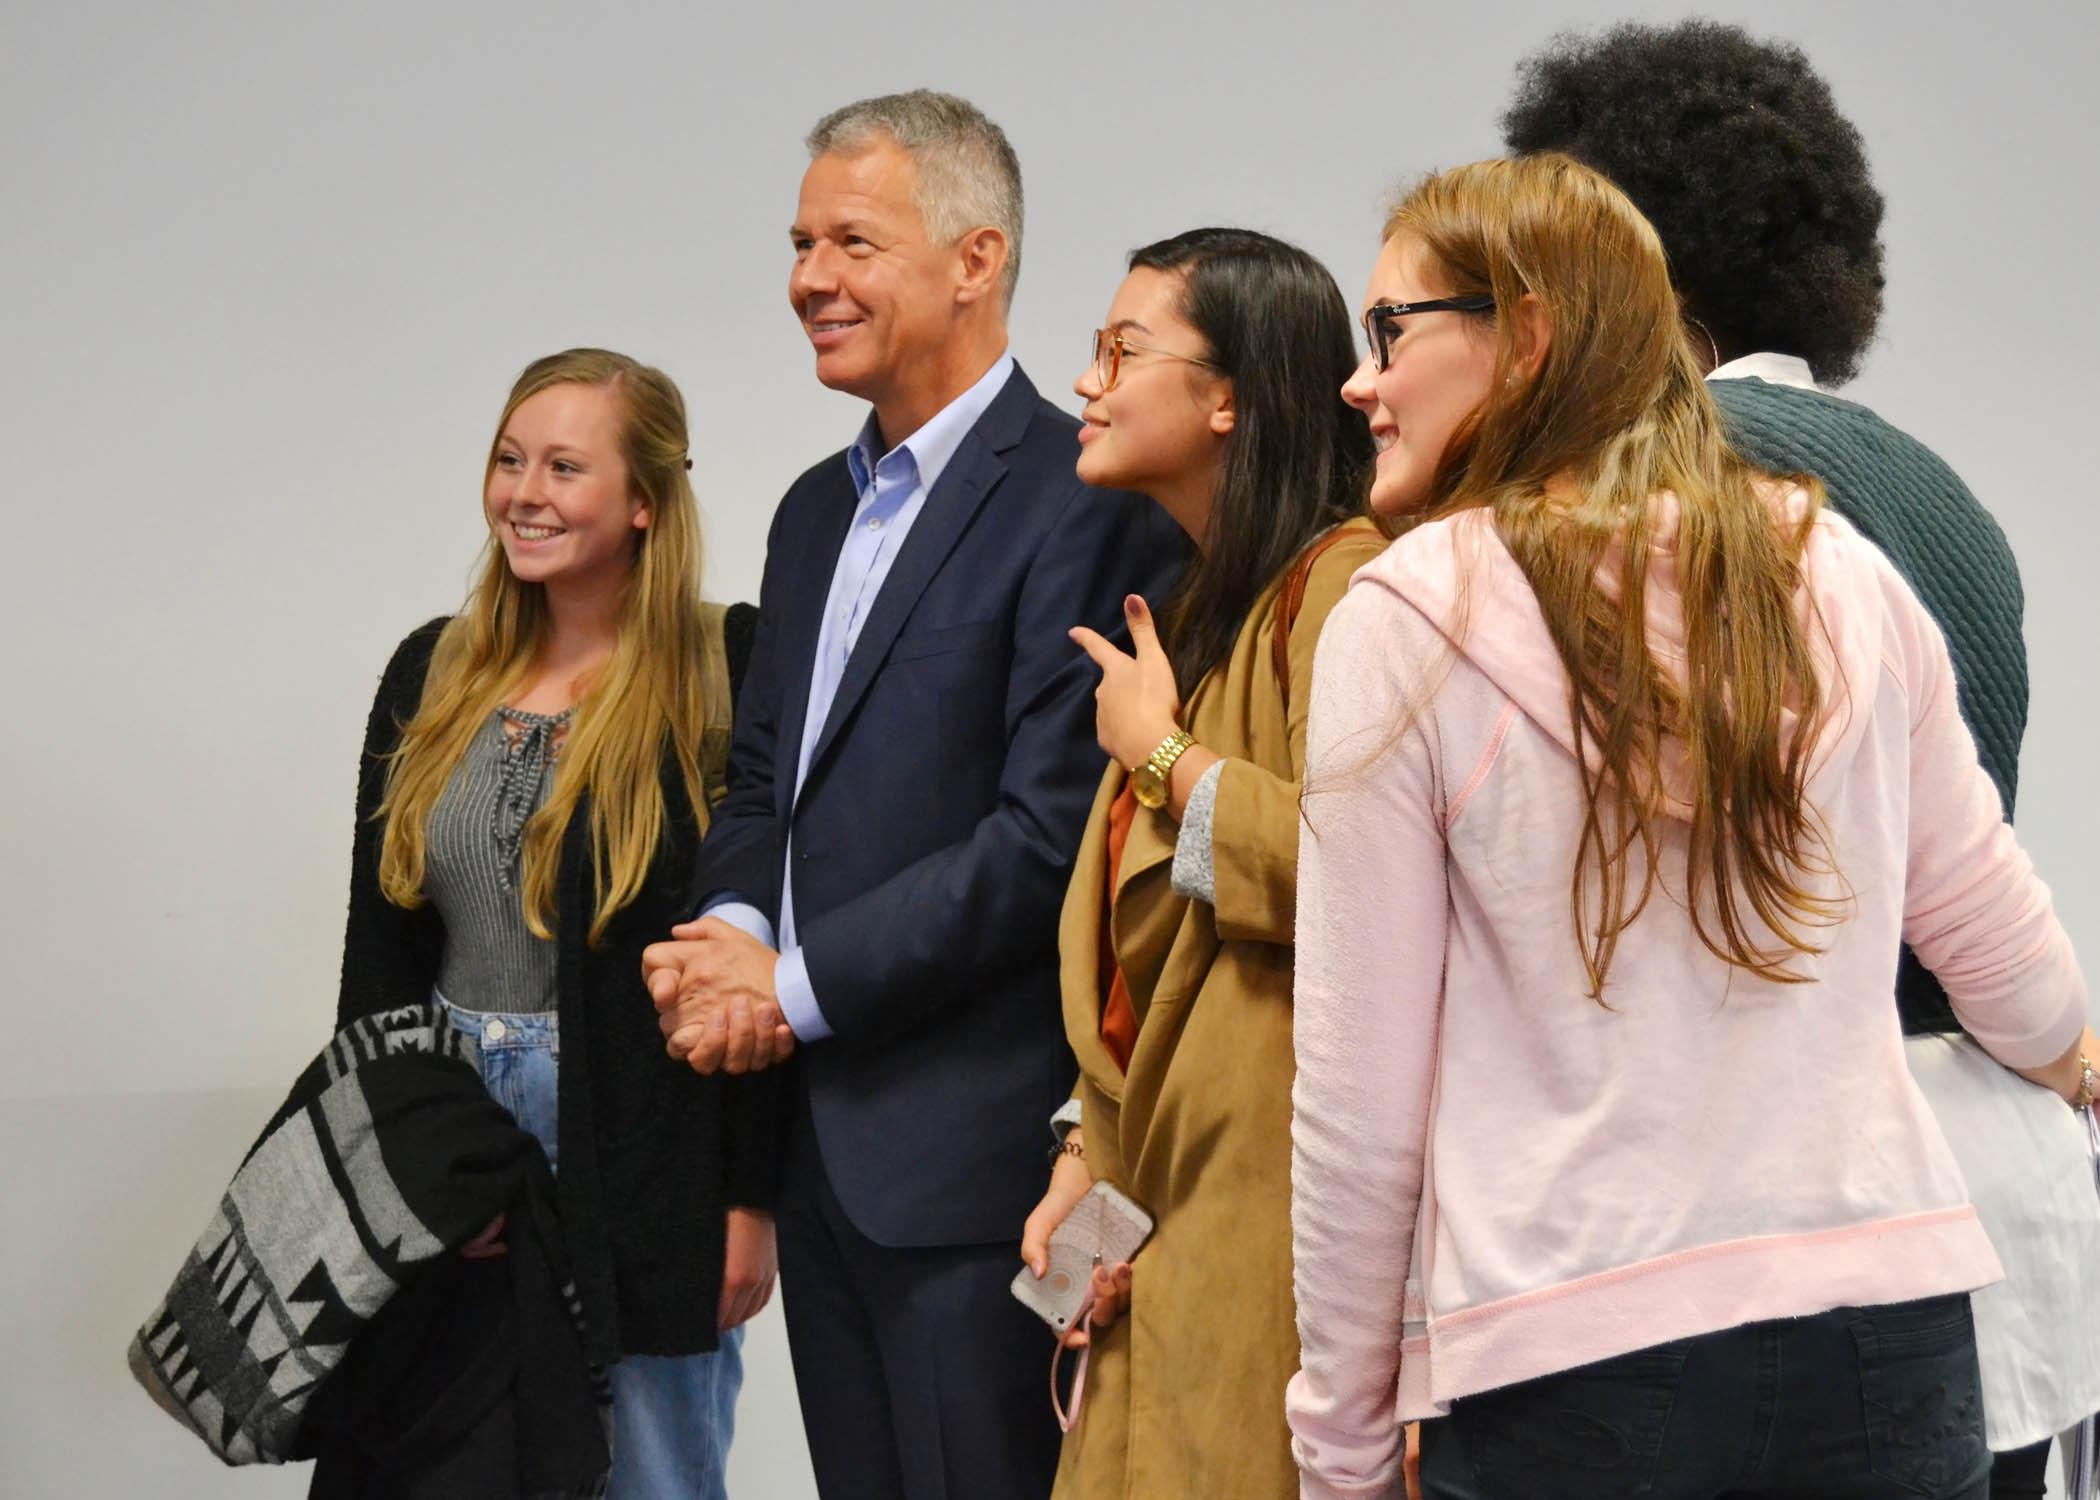 Für das junge Publikum ist der Nachrichtenmoderator, der seit 25 Jahren Anchorman bei RTL Aktuell ist, ein Vorbild.